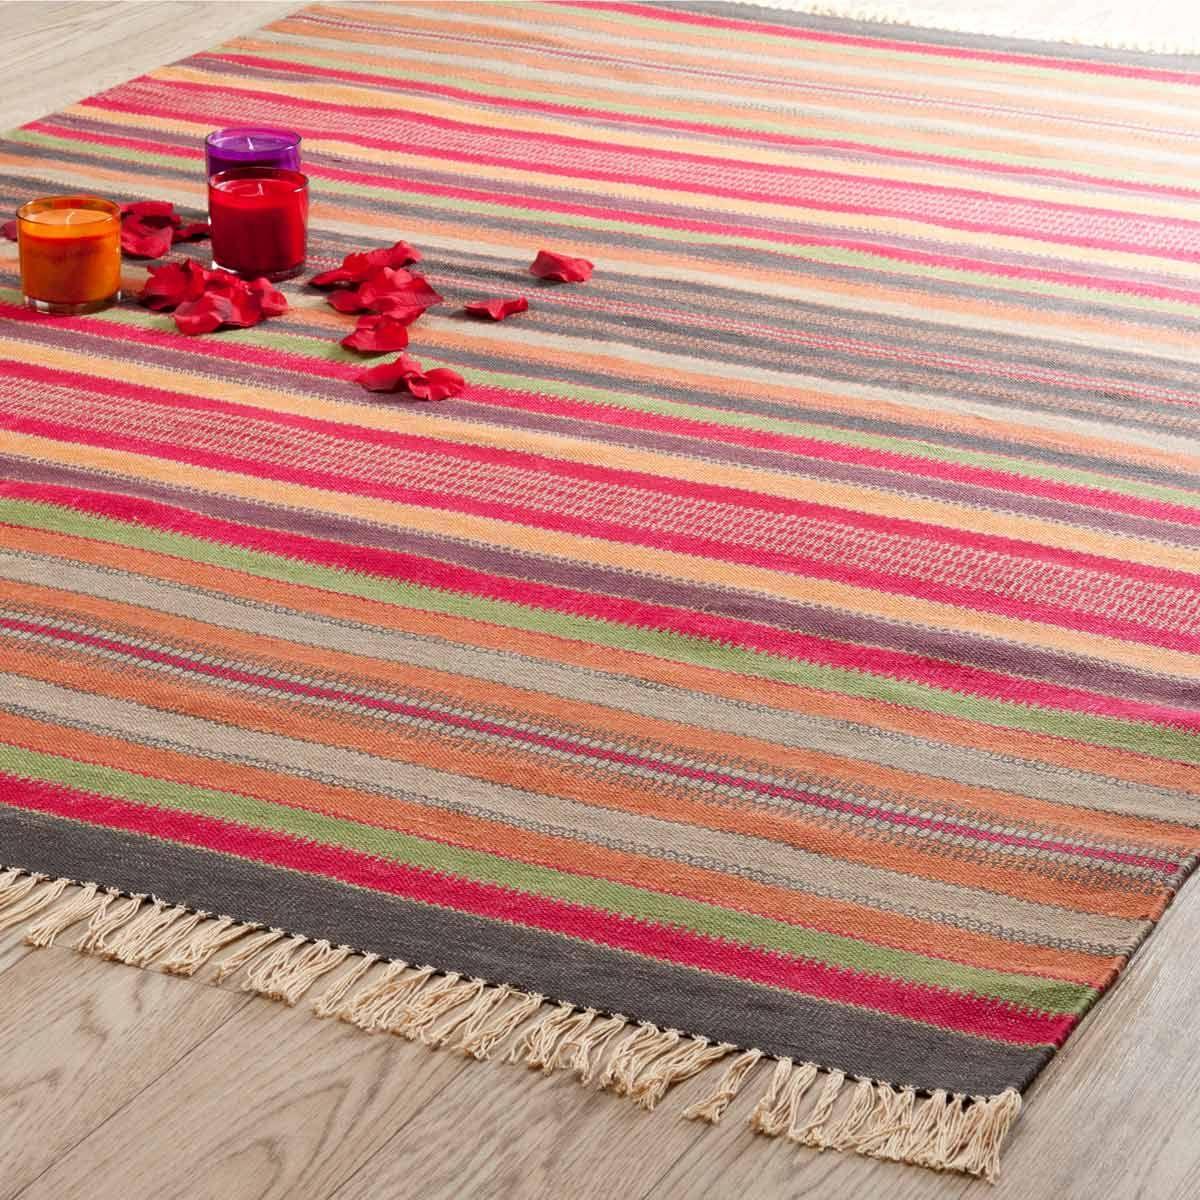 teppich bunt gestreift agadir 200x140 149 wohnzimmer pinterest teppich bunt wohnzimmer. Black Bedroom Furniture Sets. Home Design Ideas